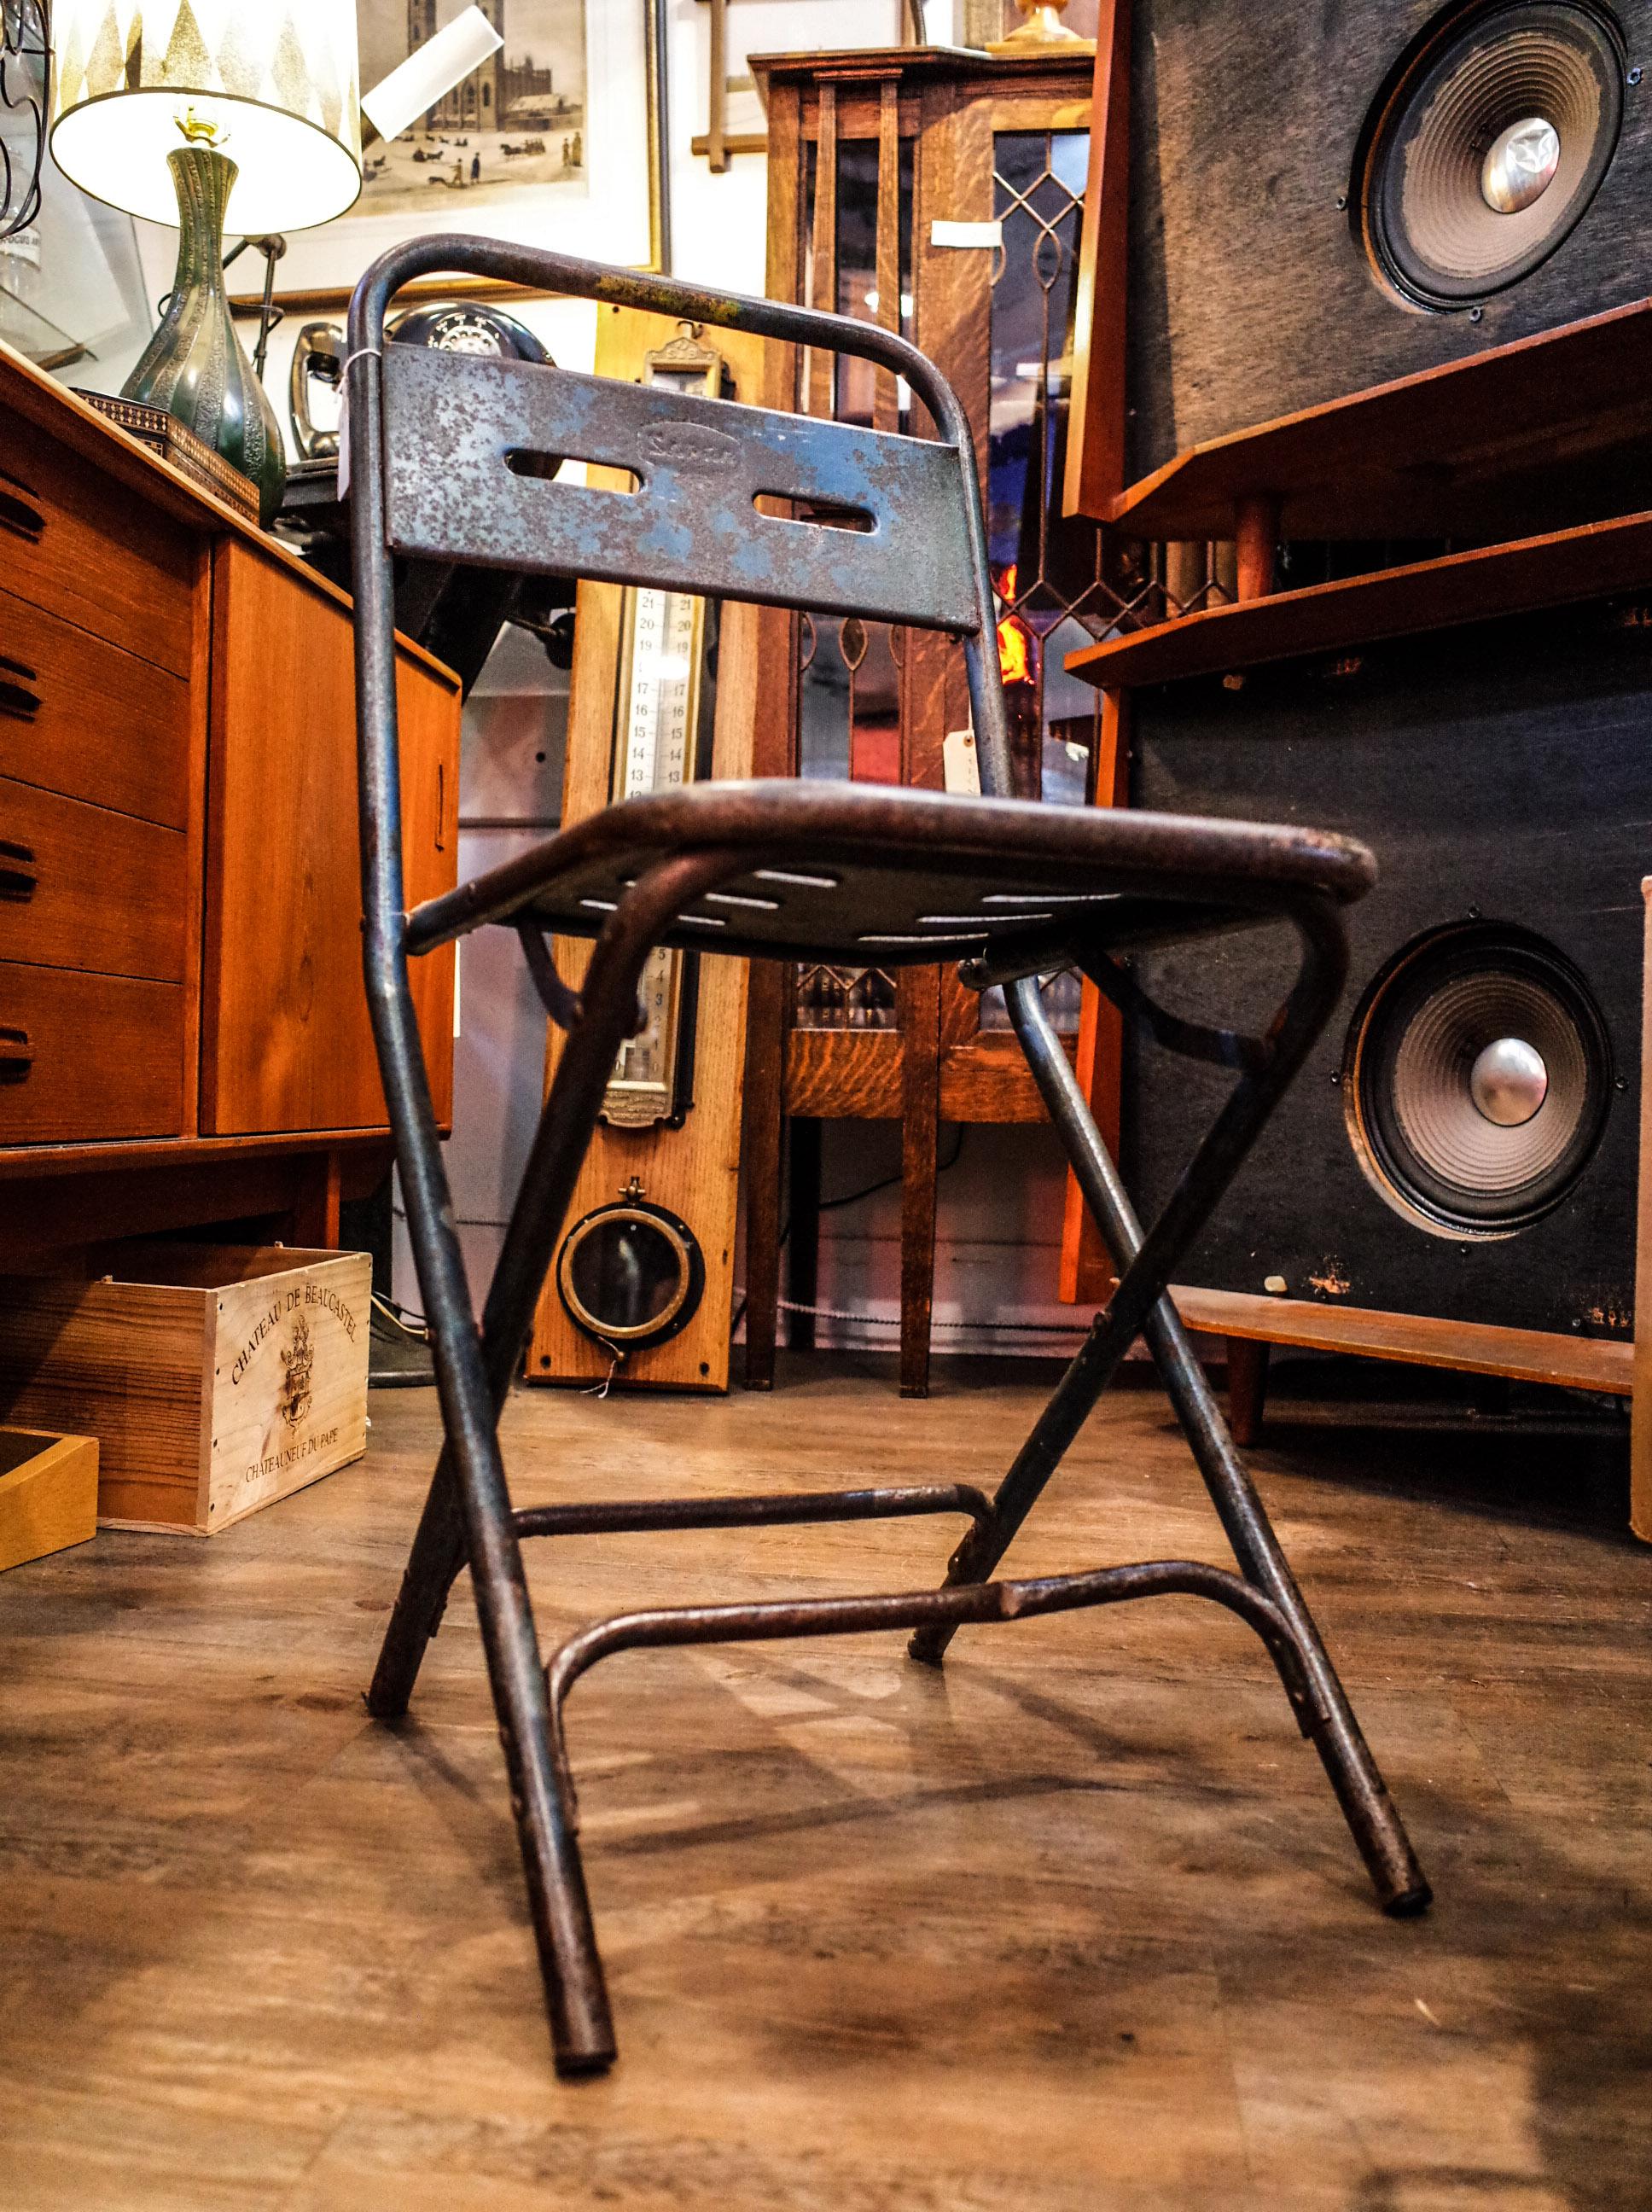 rustic-chair.jpg